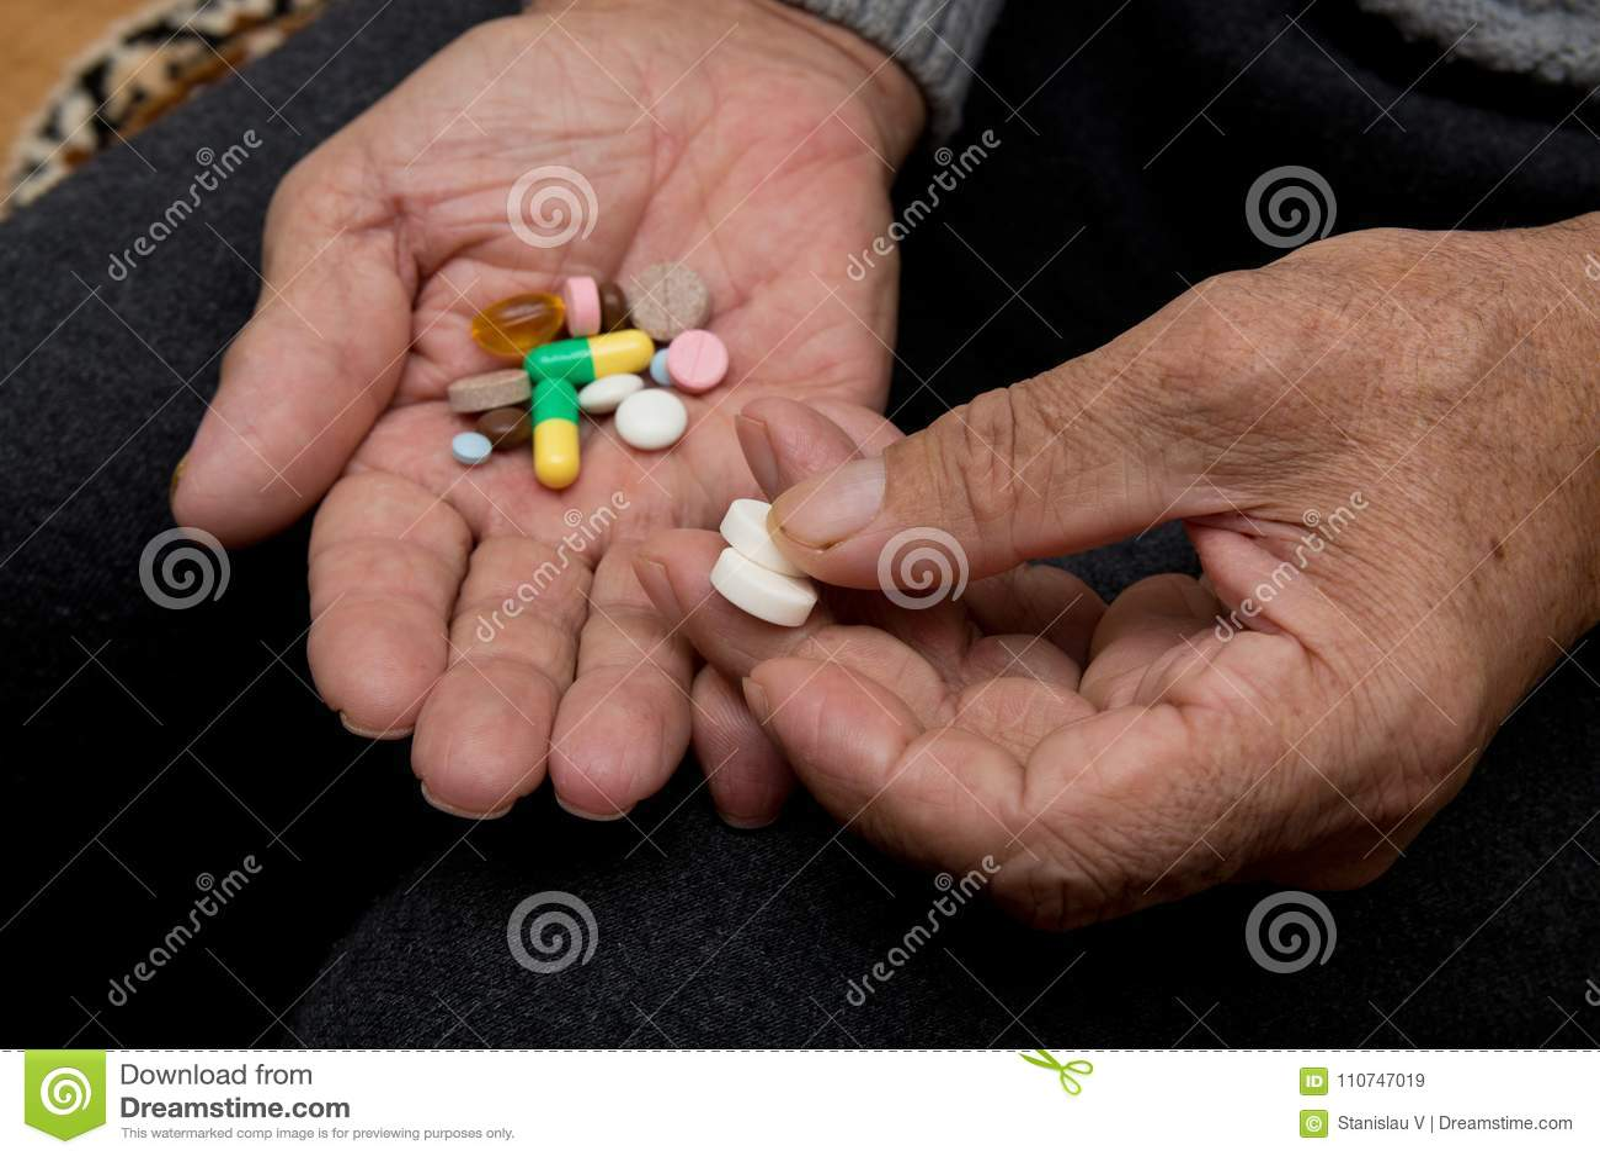 一个年长人在老手上拿着很多色的药片 痛苦的晚年 老人医疗保健